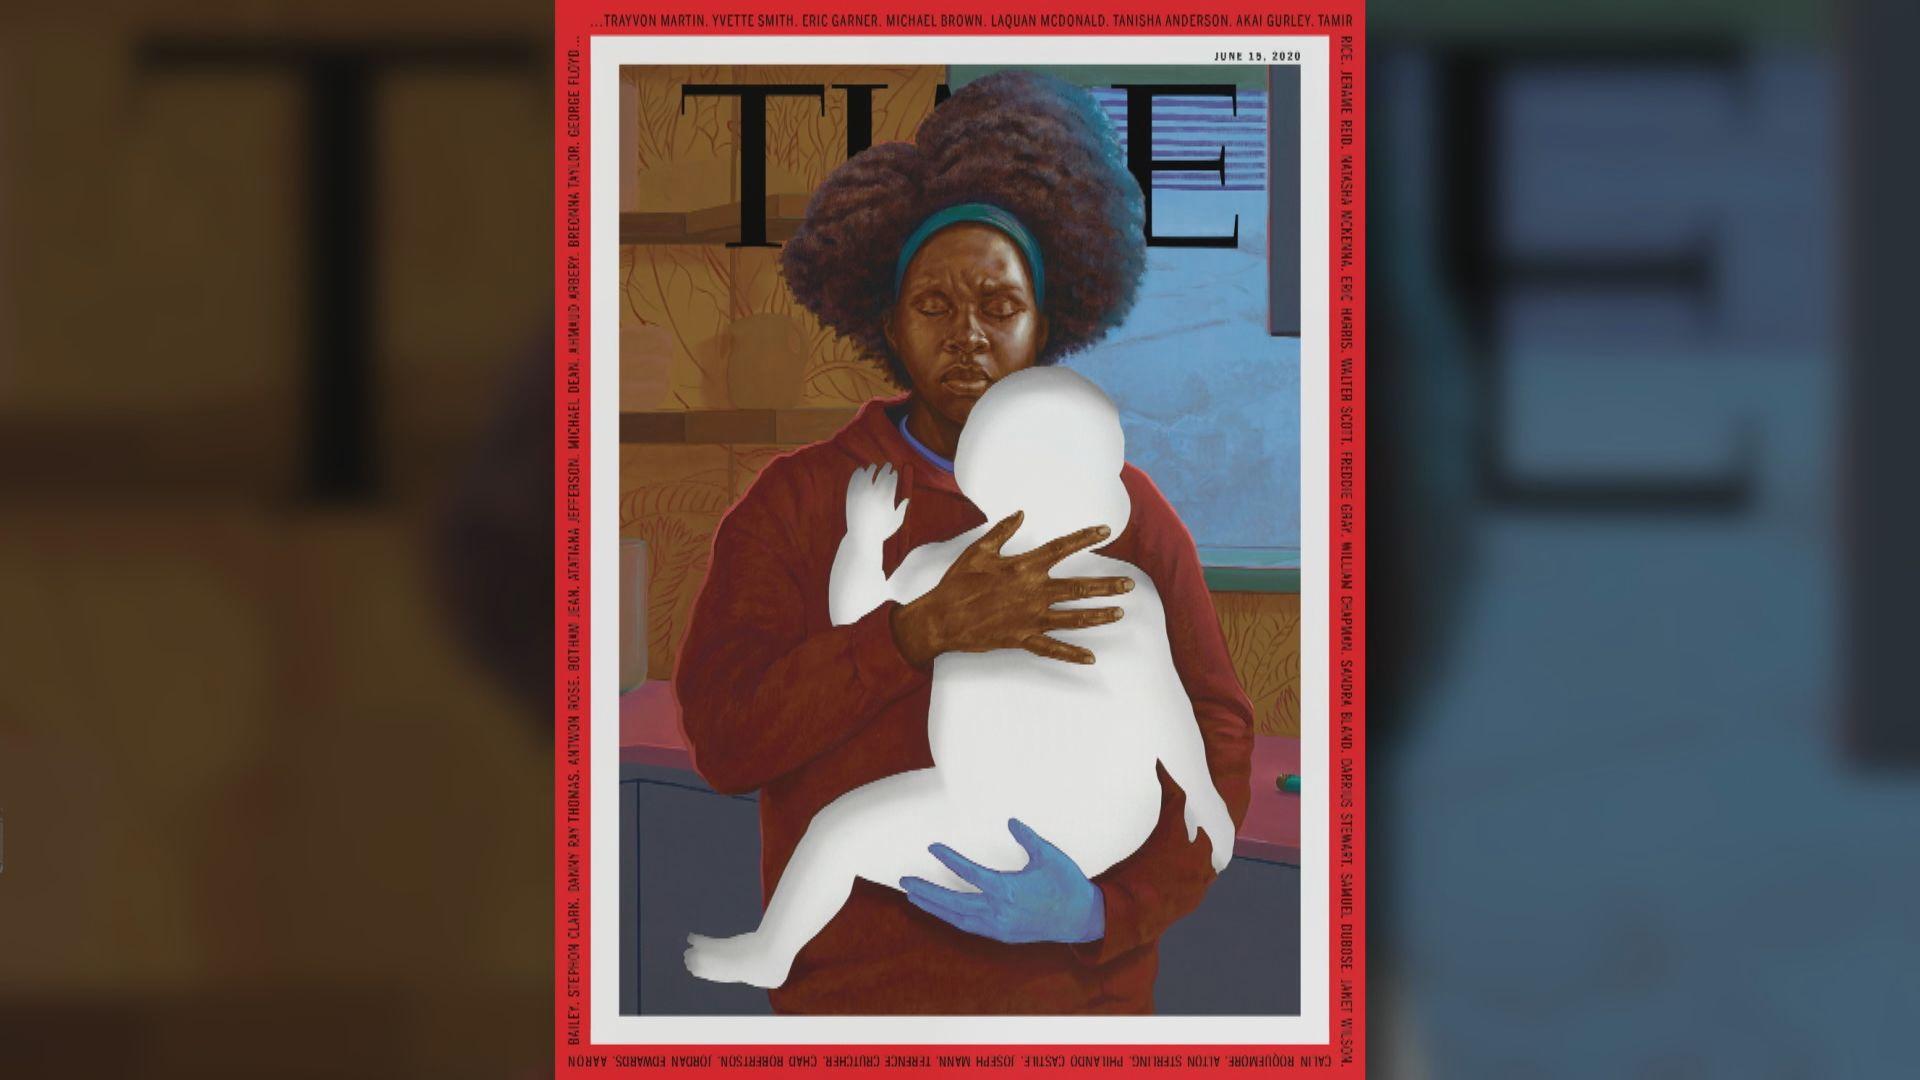 【環球薈報】《時代》雜誌以黑人母親油畫作封面